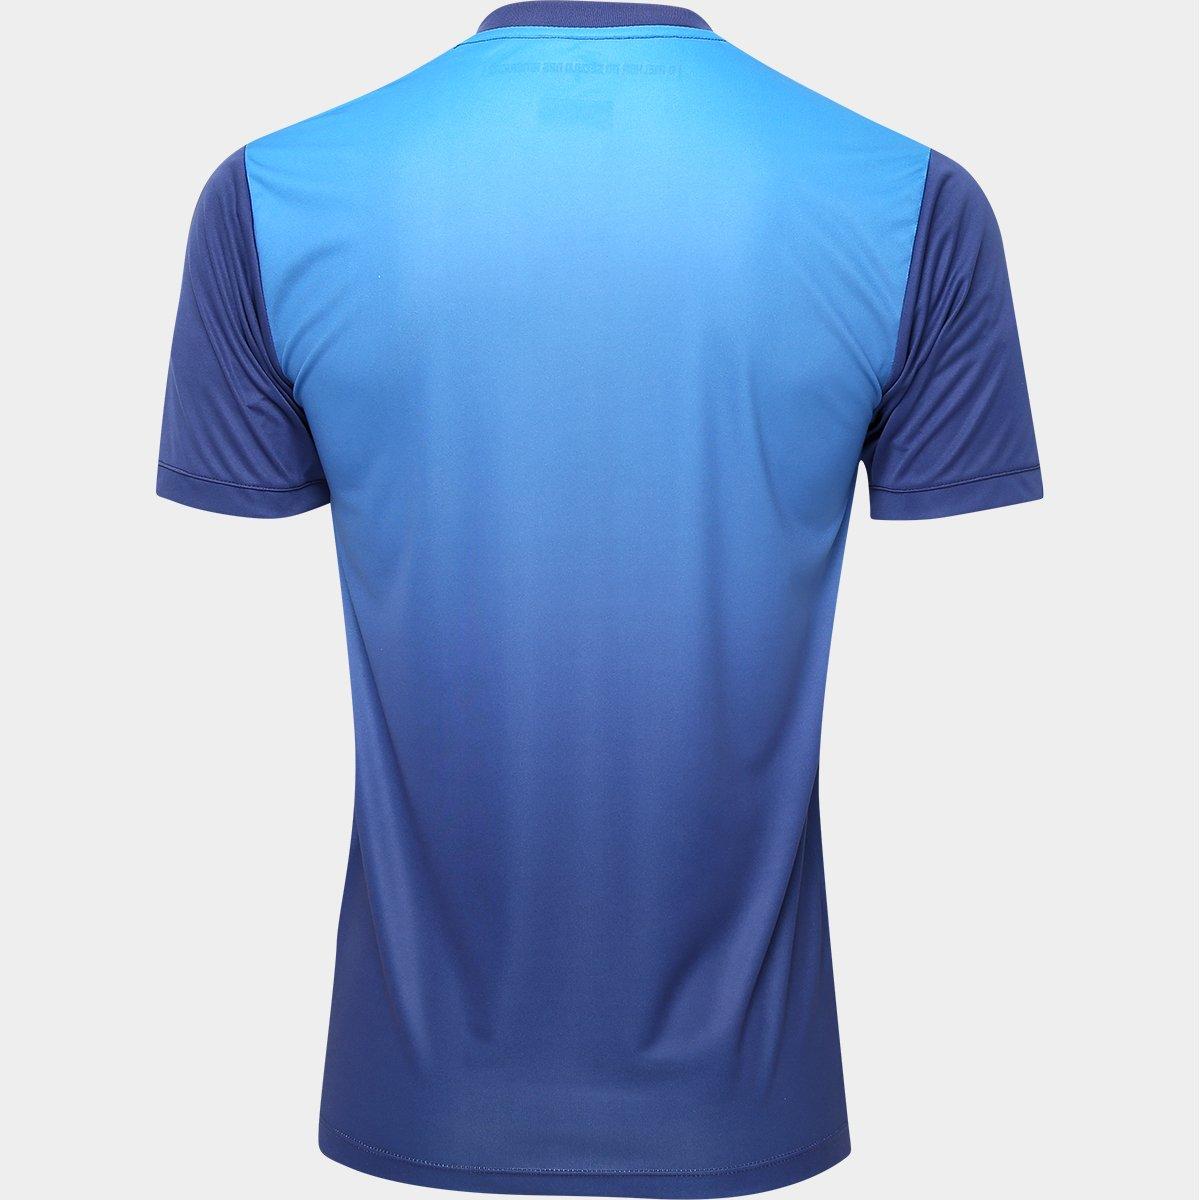 6ea9e6ef9be2e Camisa Santos III 2016 s nº Torcedor Kappa Masculina - Azul e Marinho